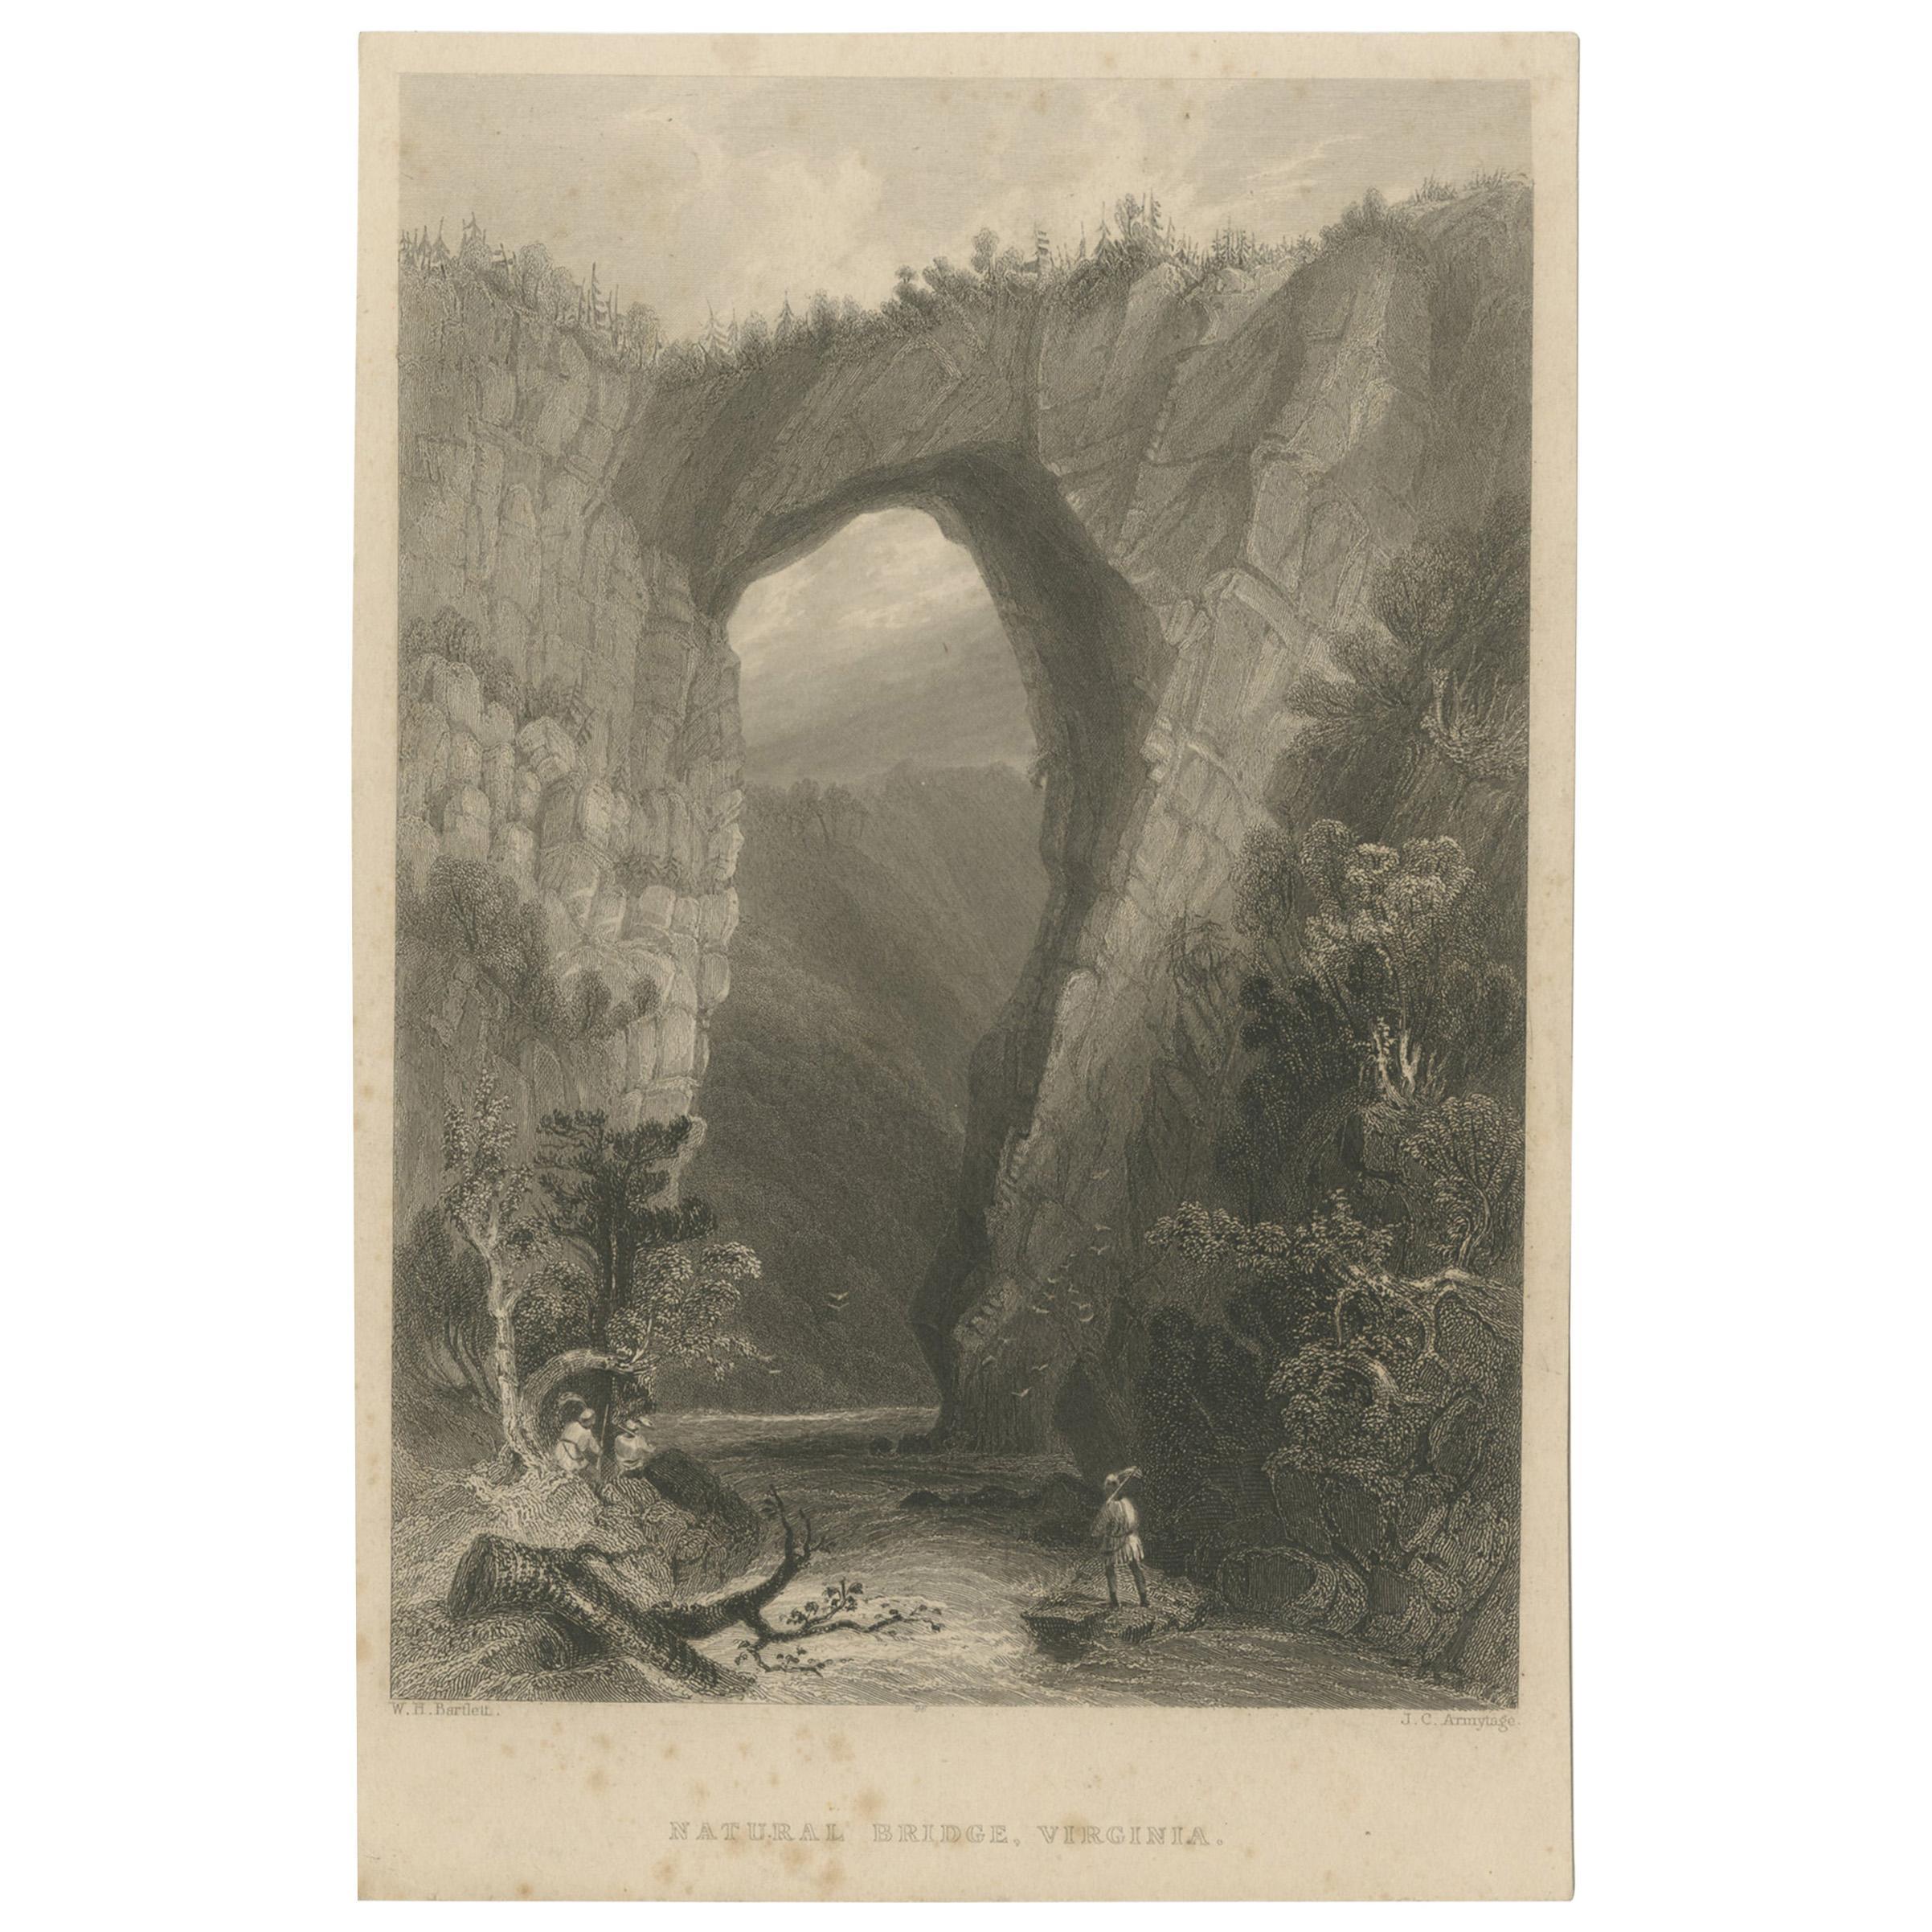 Antique Print of the Natural Bridge of Viriginia, circa 1860